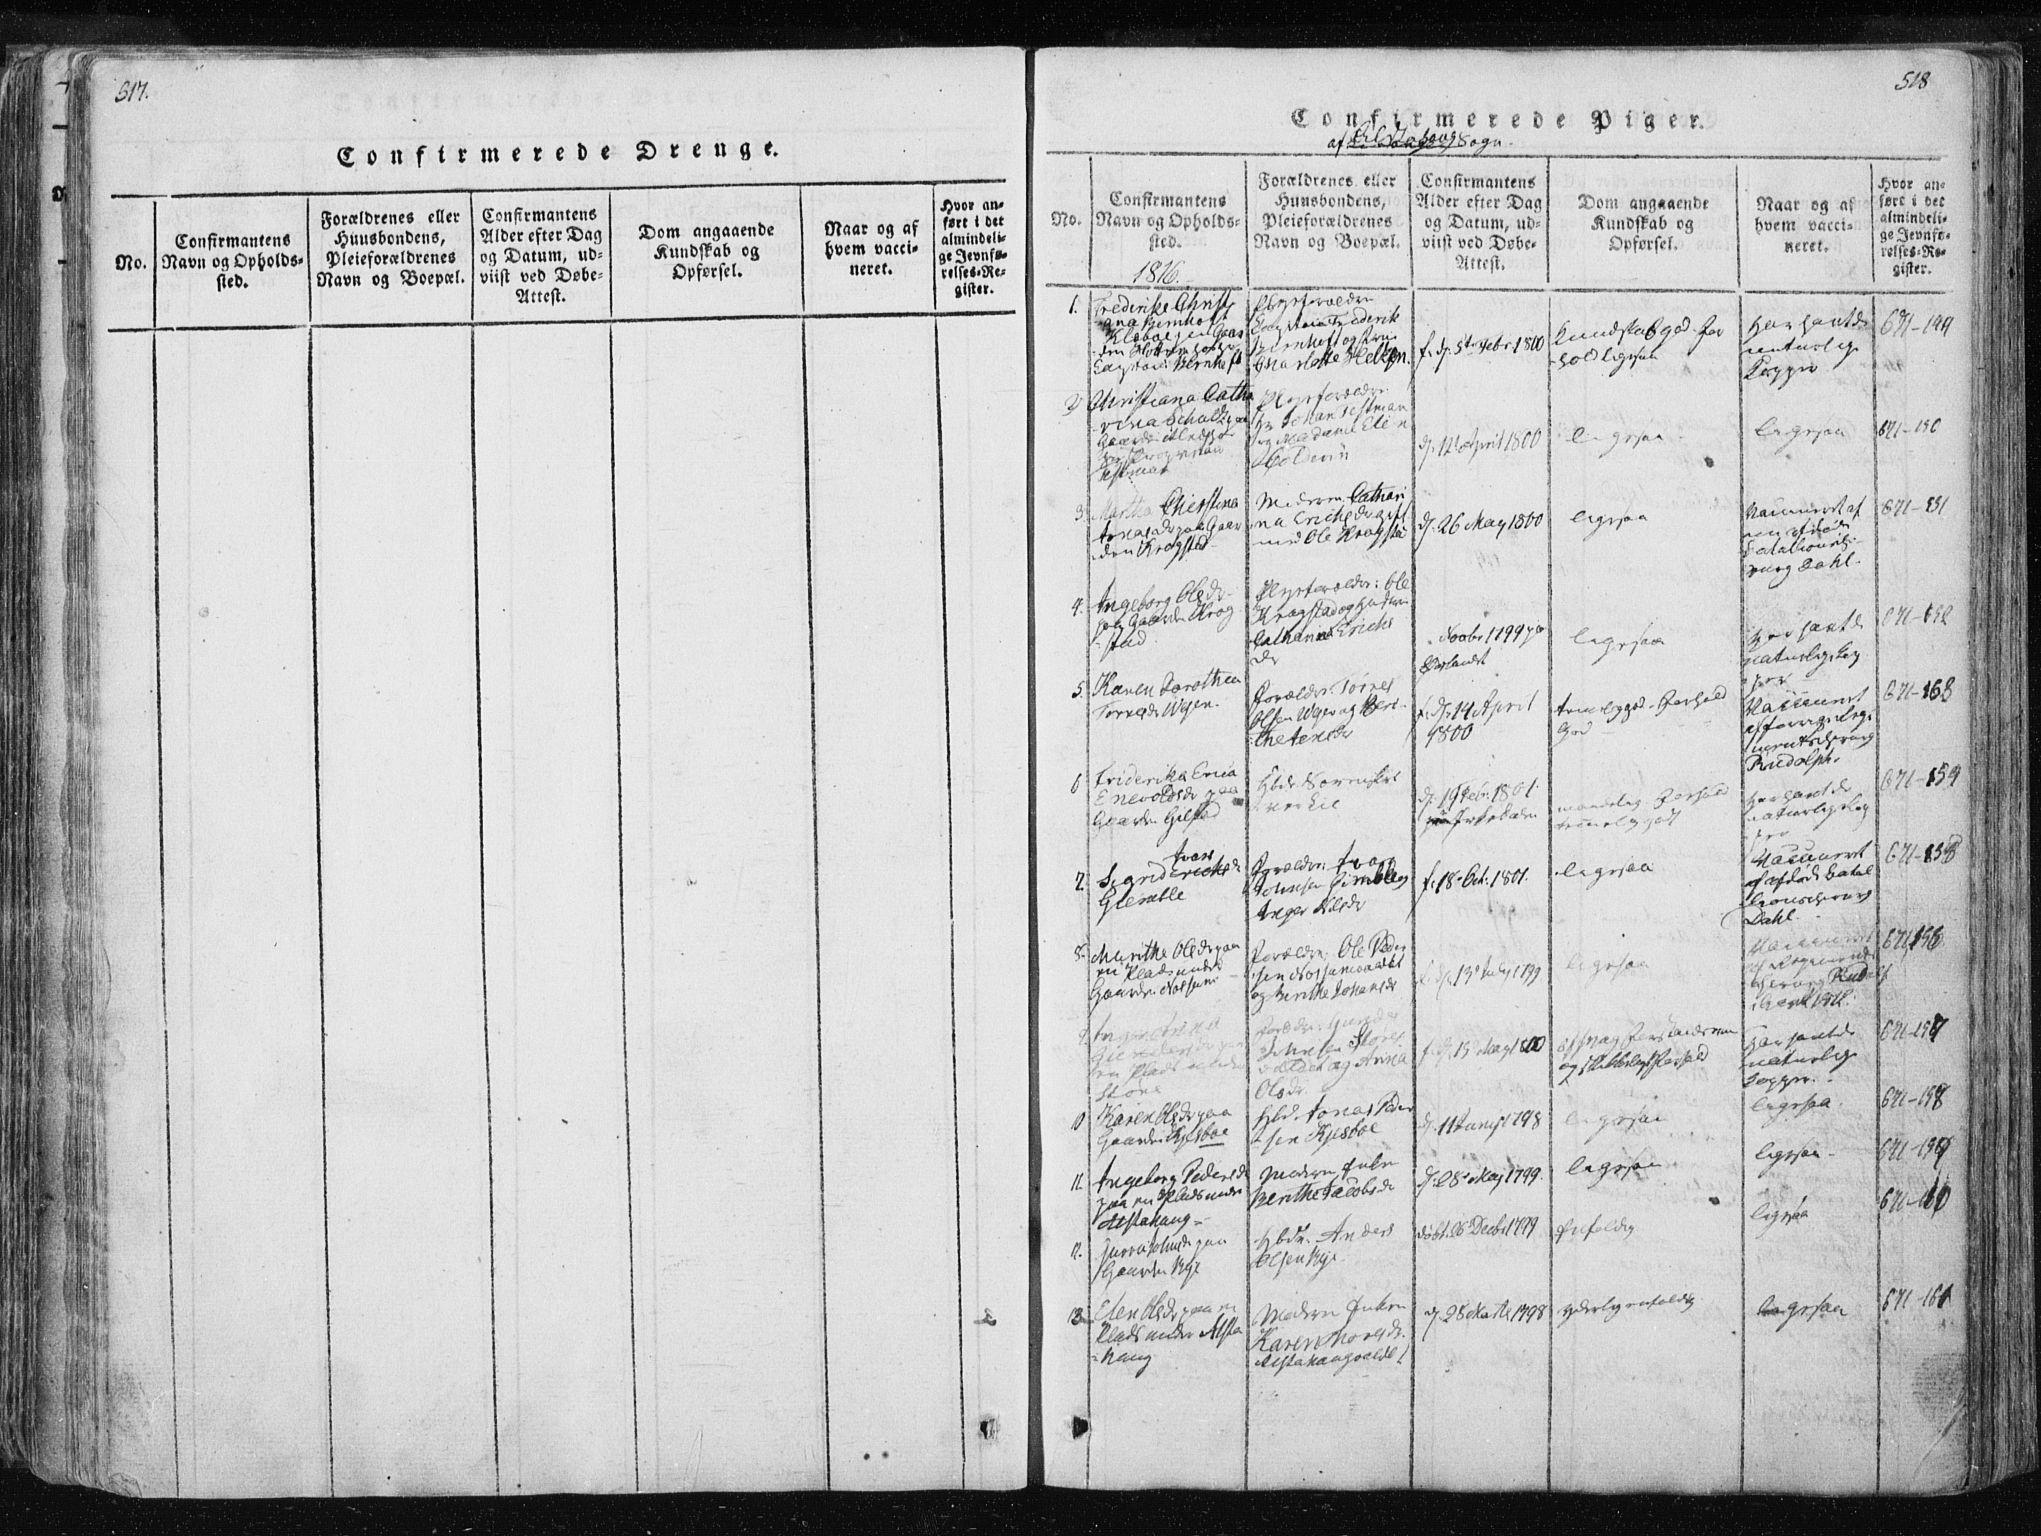 SAT, Ministerialprotokoller, klokkerbøker og fødselsregistre - Nord-Trøndelag, 717/L0148: Ministerialbok nr. 717A04 /1, 1816-1825, s. 517-518